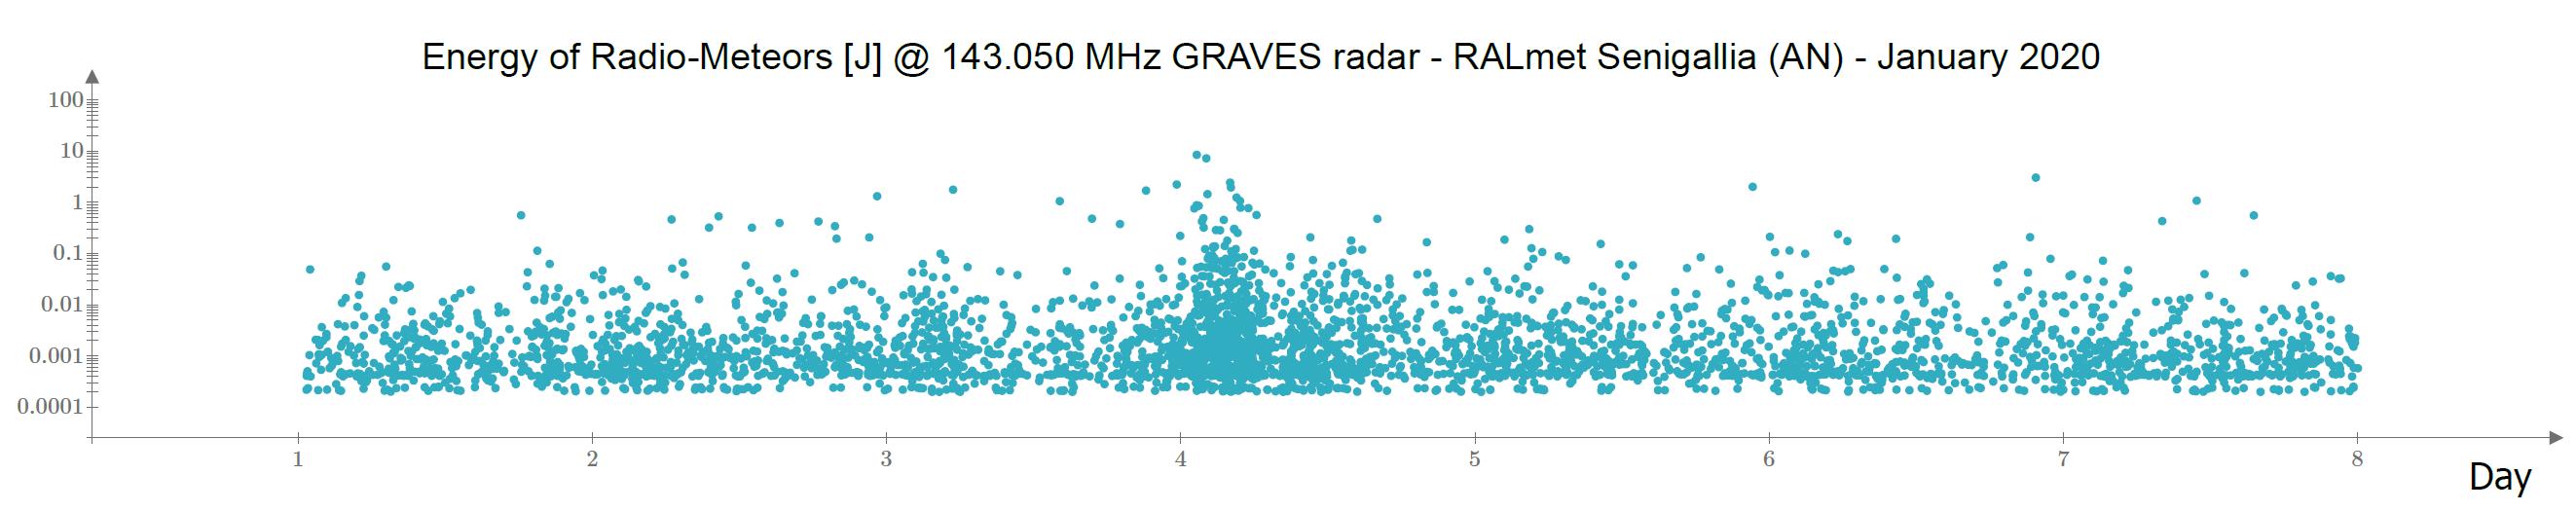 Distribuzione dell'energia associata ai radio-echi meteorici catturati i primi 8 giorni degli anni 2018, 2019 e 2020.